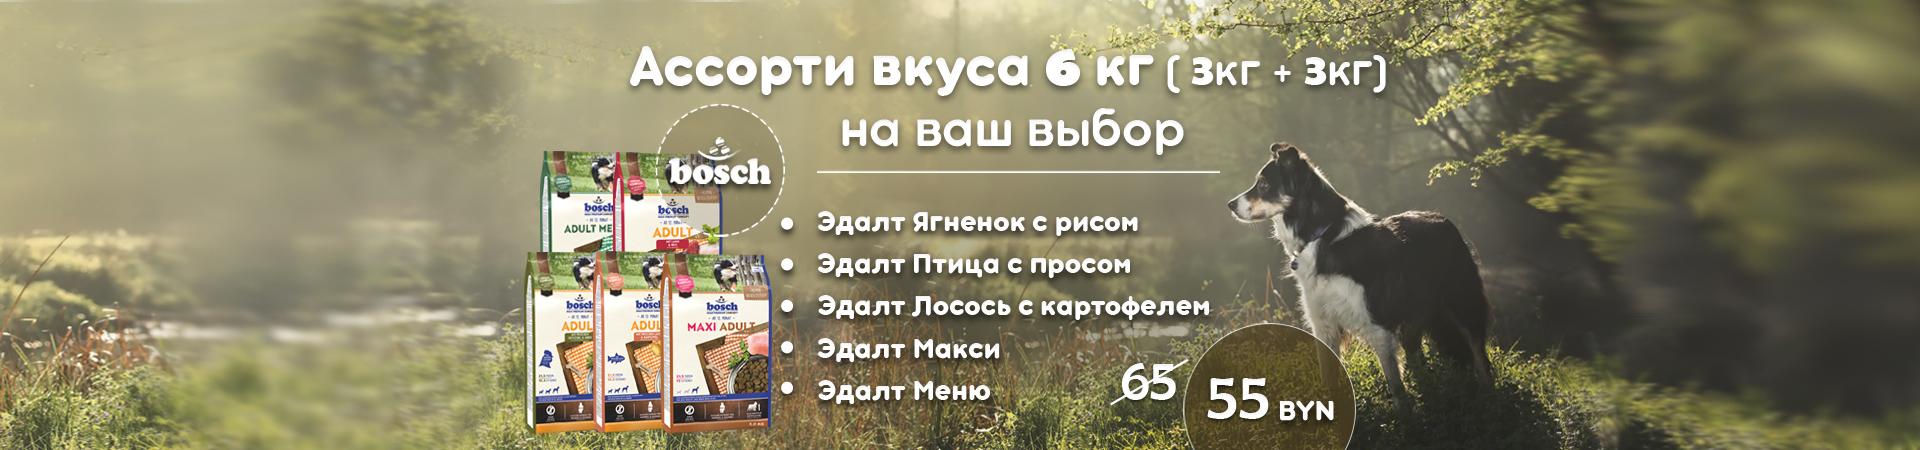 1920_3plus3_11042019_2